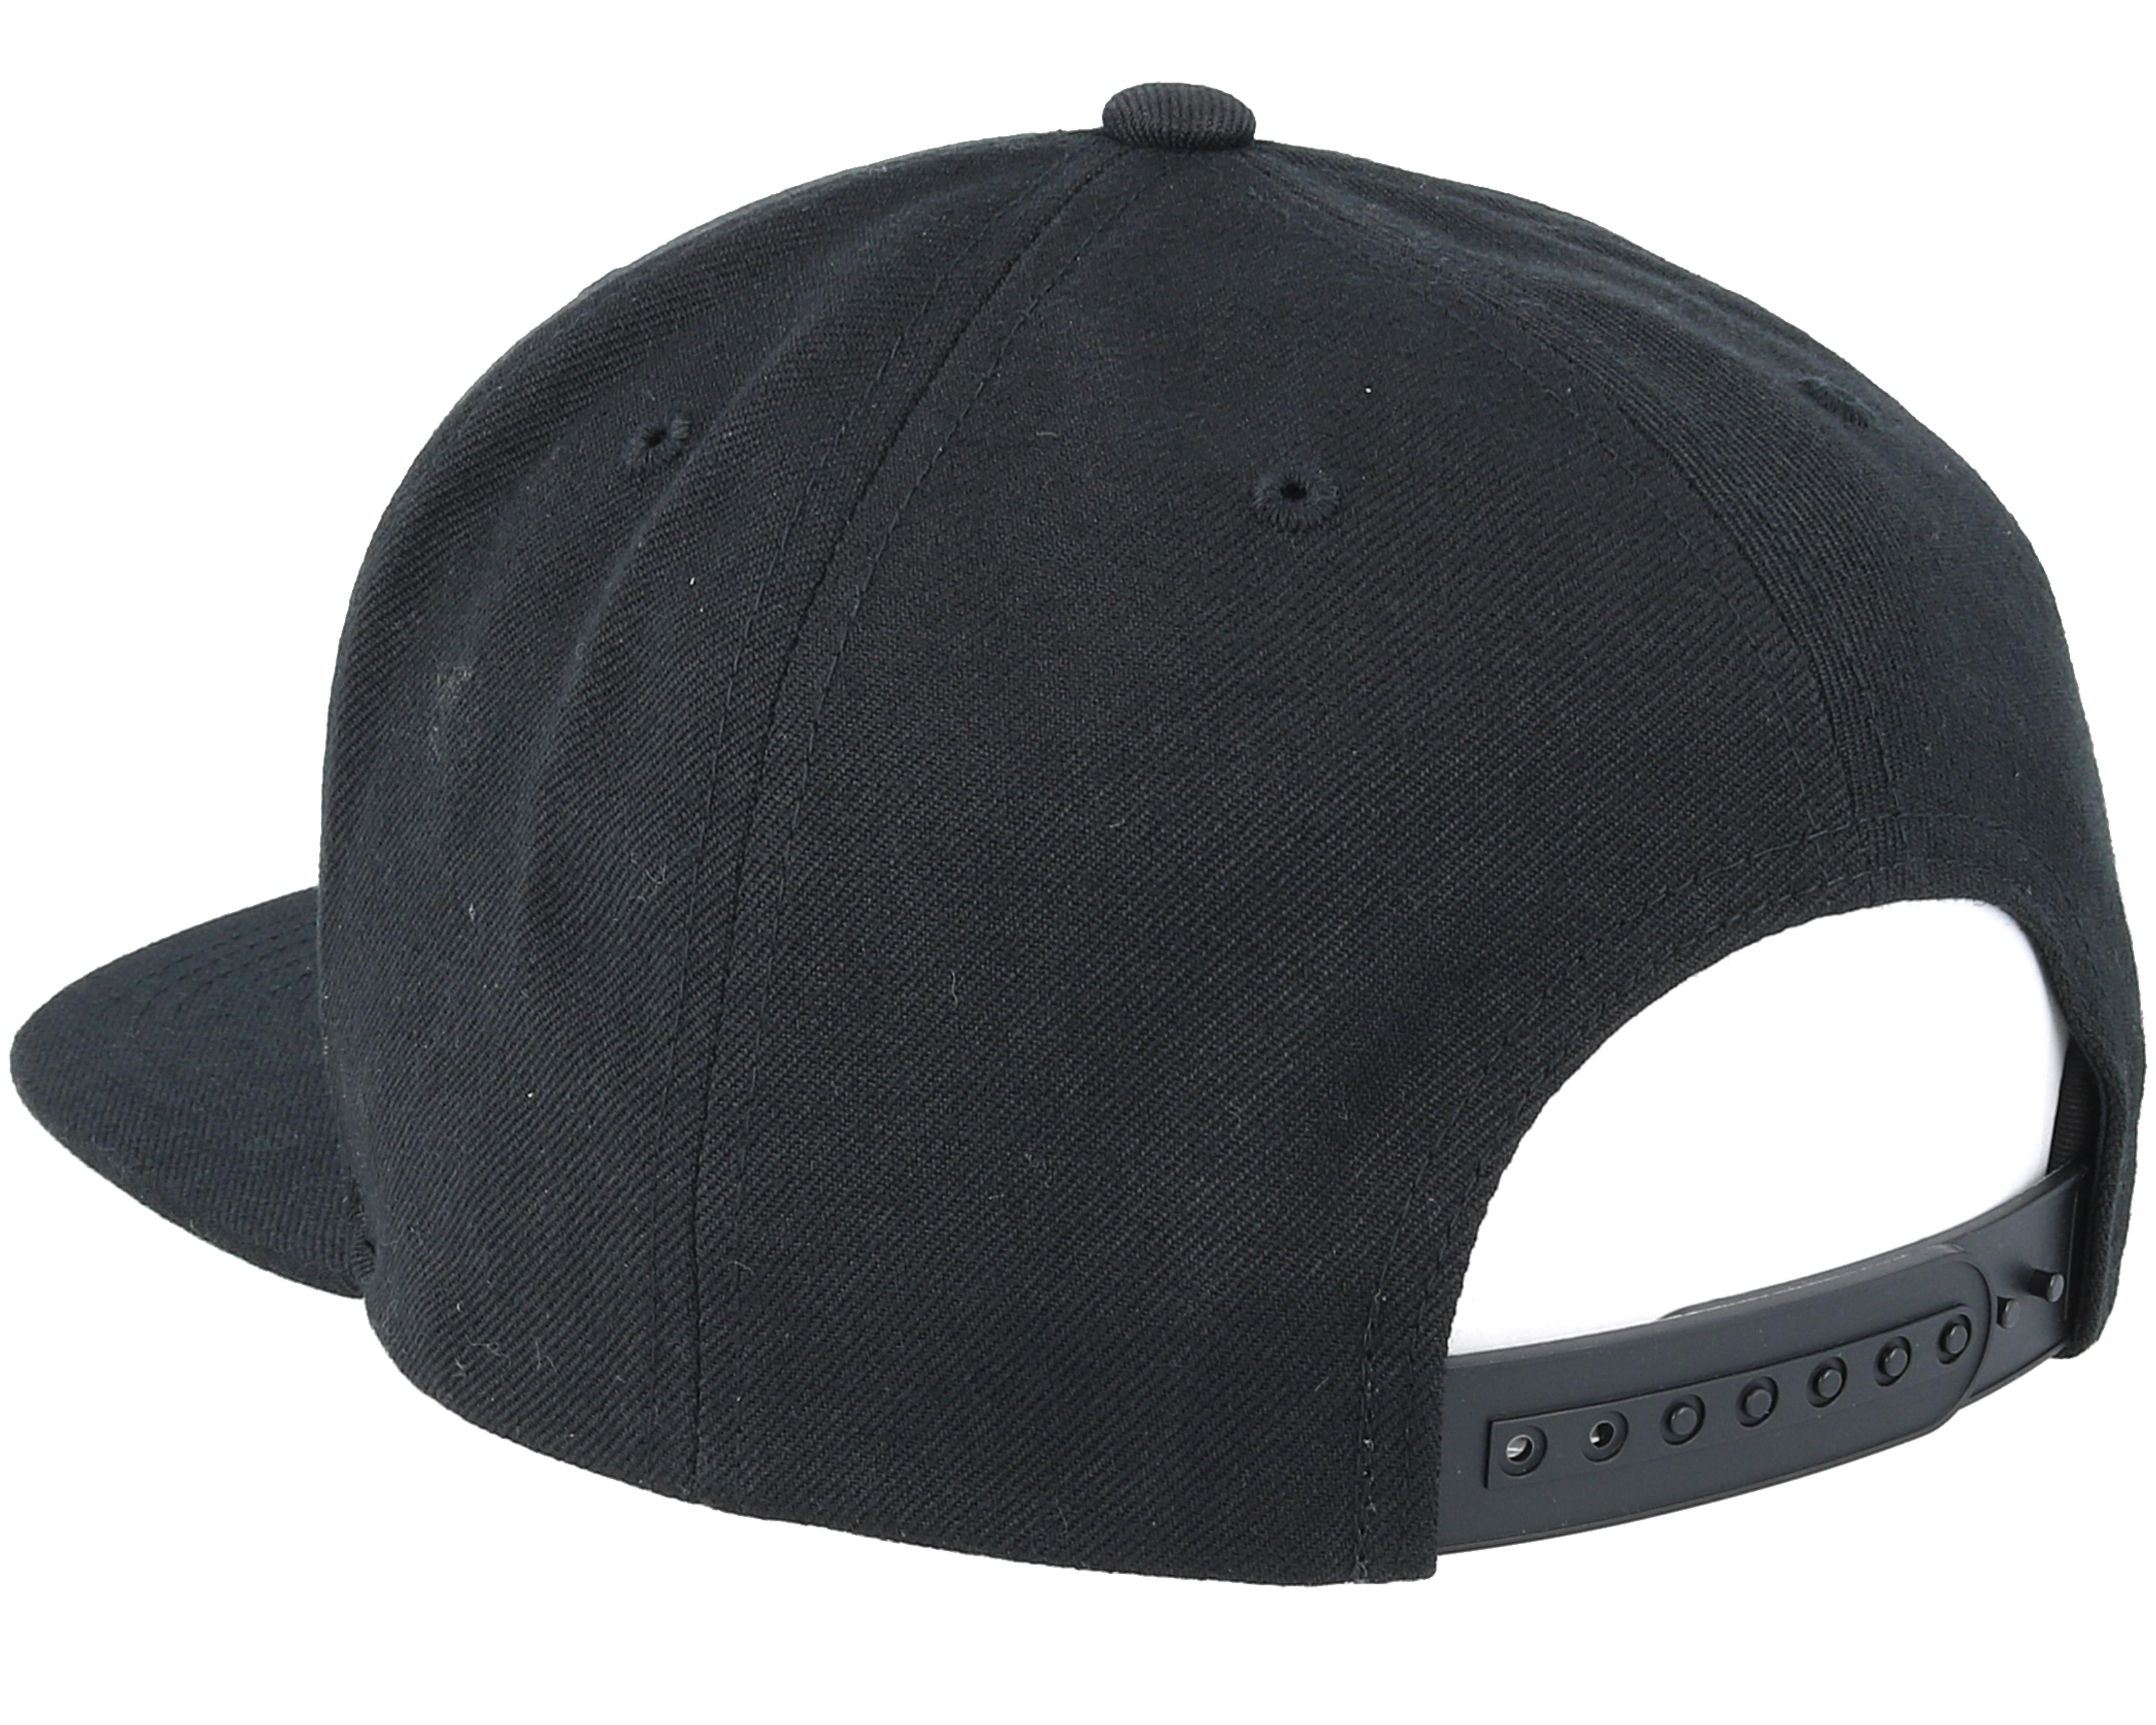 38d03edc09a Wheeler Black Snapback - Brixton caps